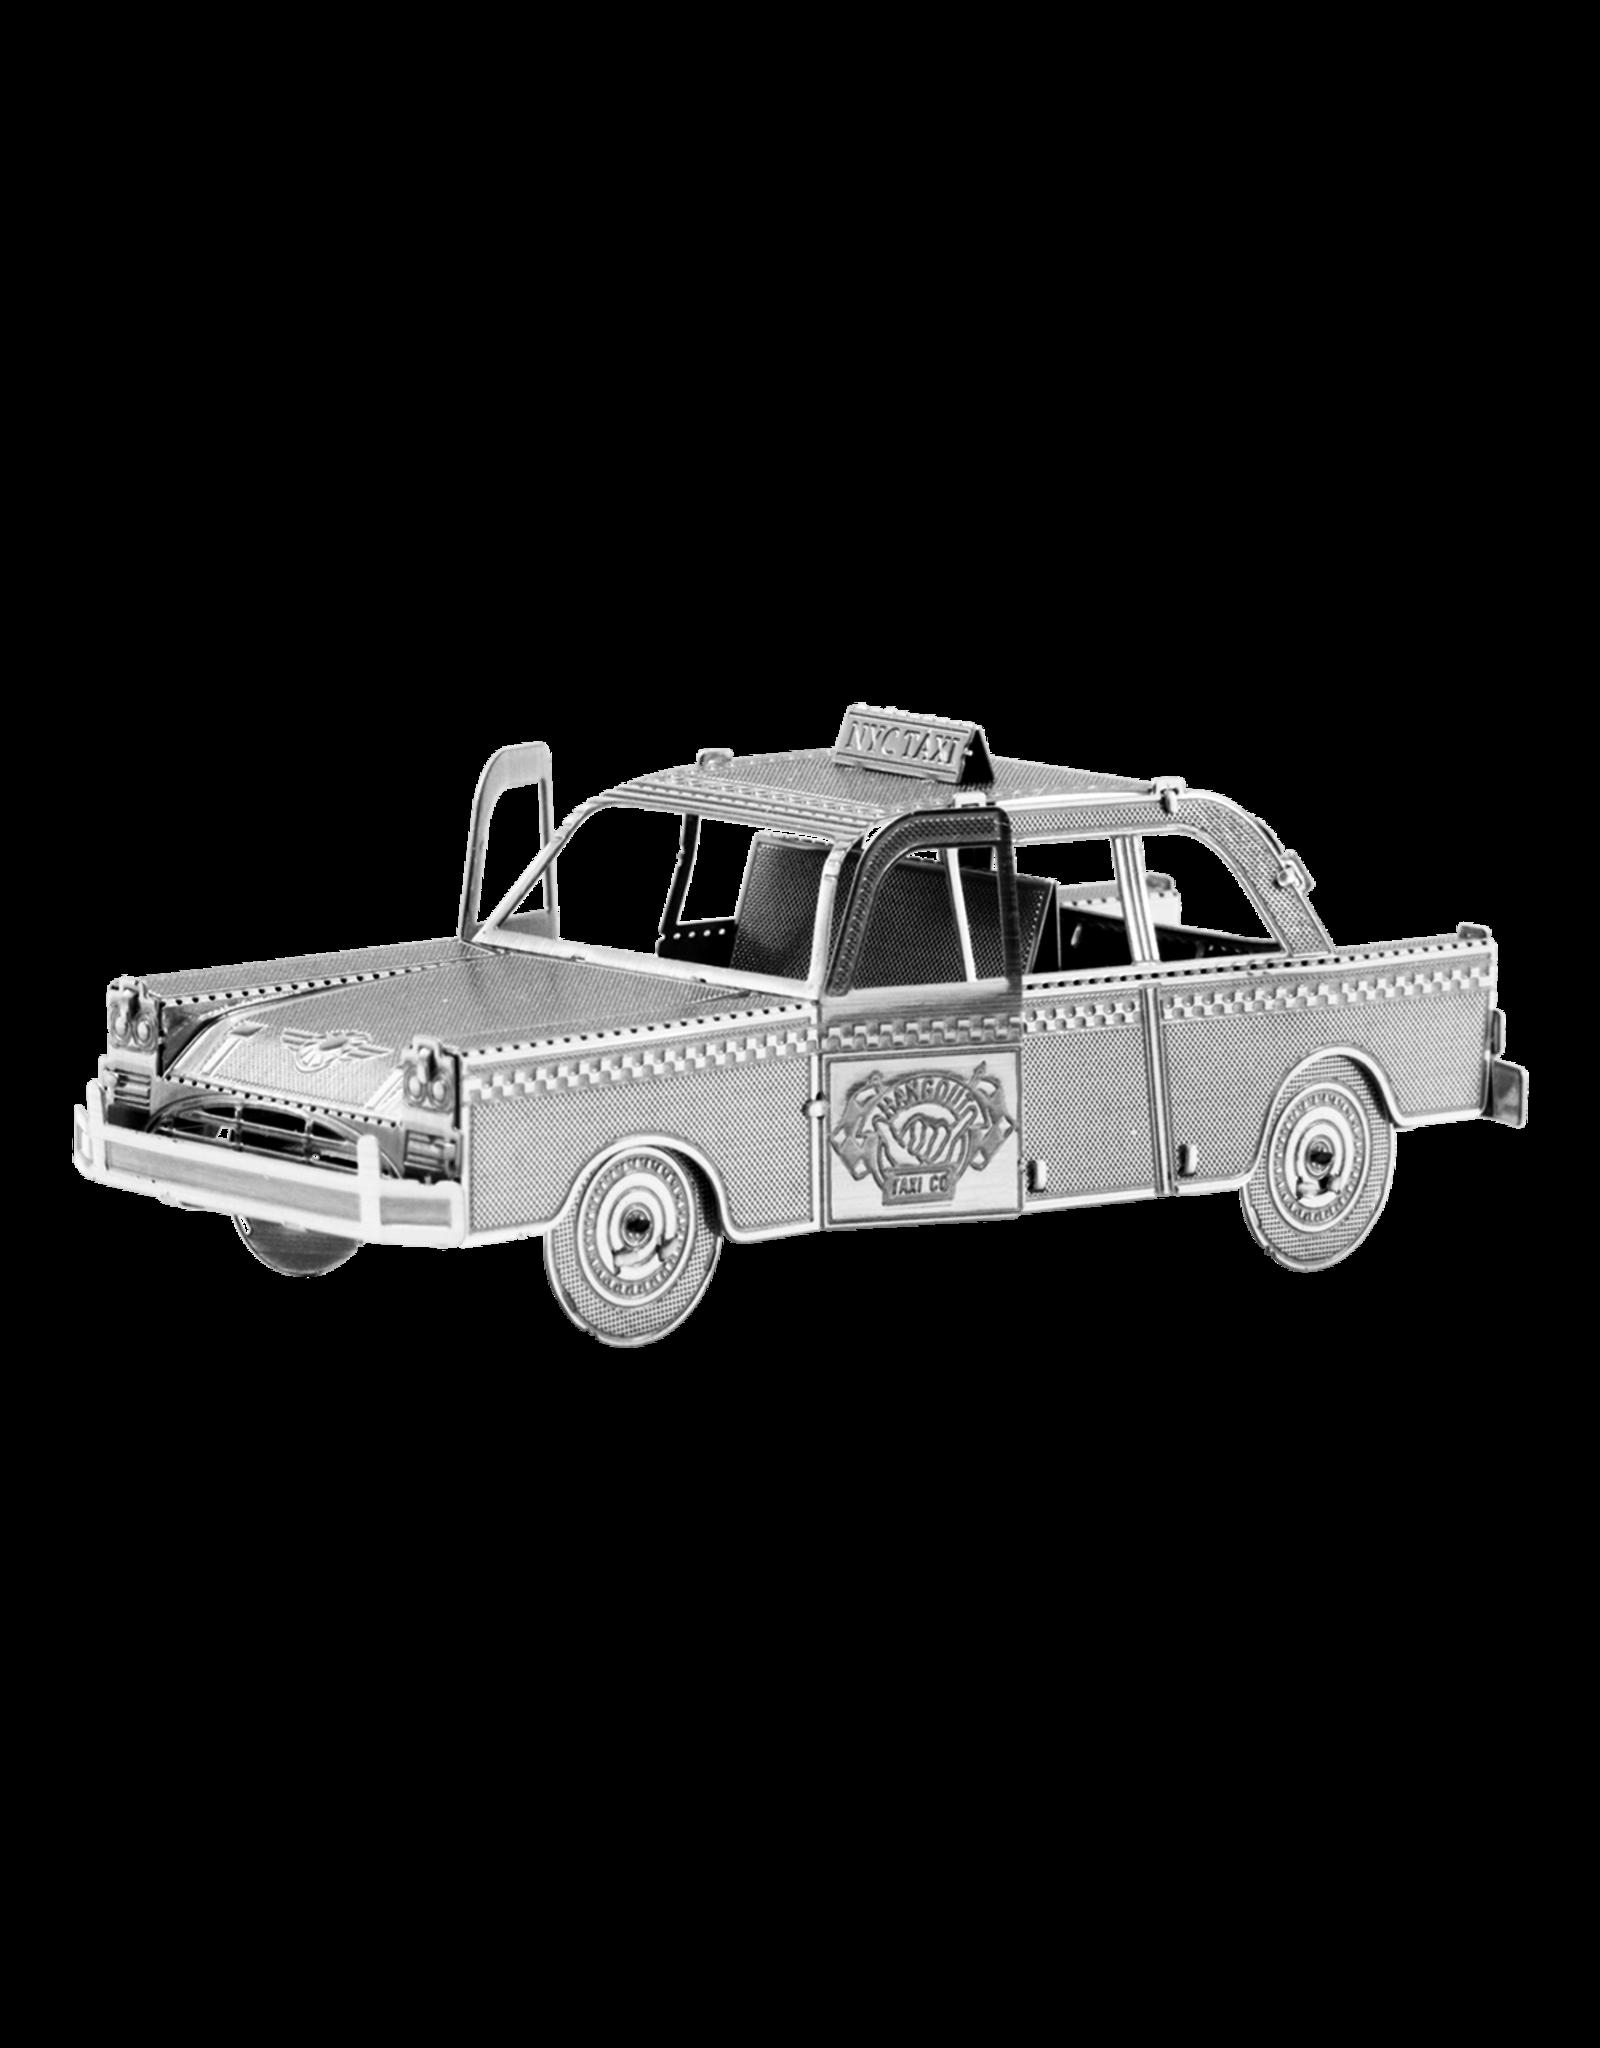 Metal Earth Checker Cab